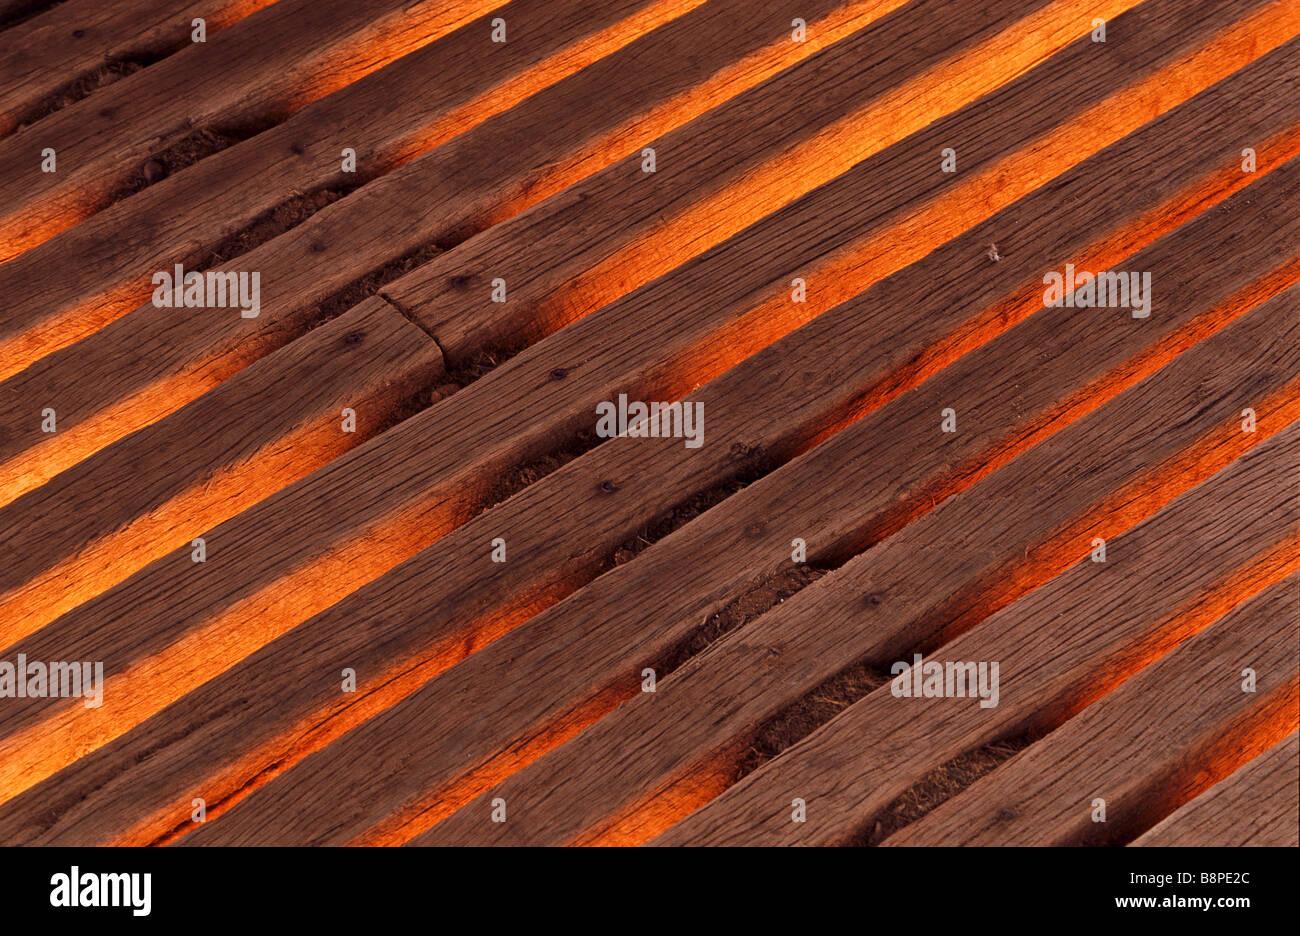 Dettaglio doghe in legno Immagini Stock